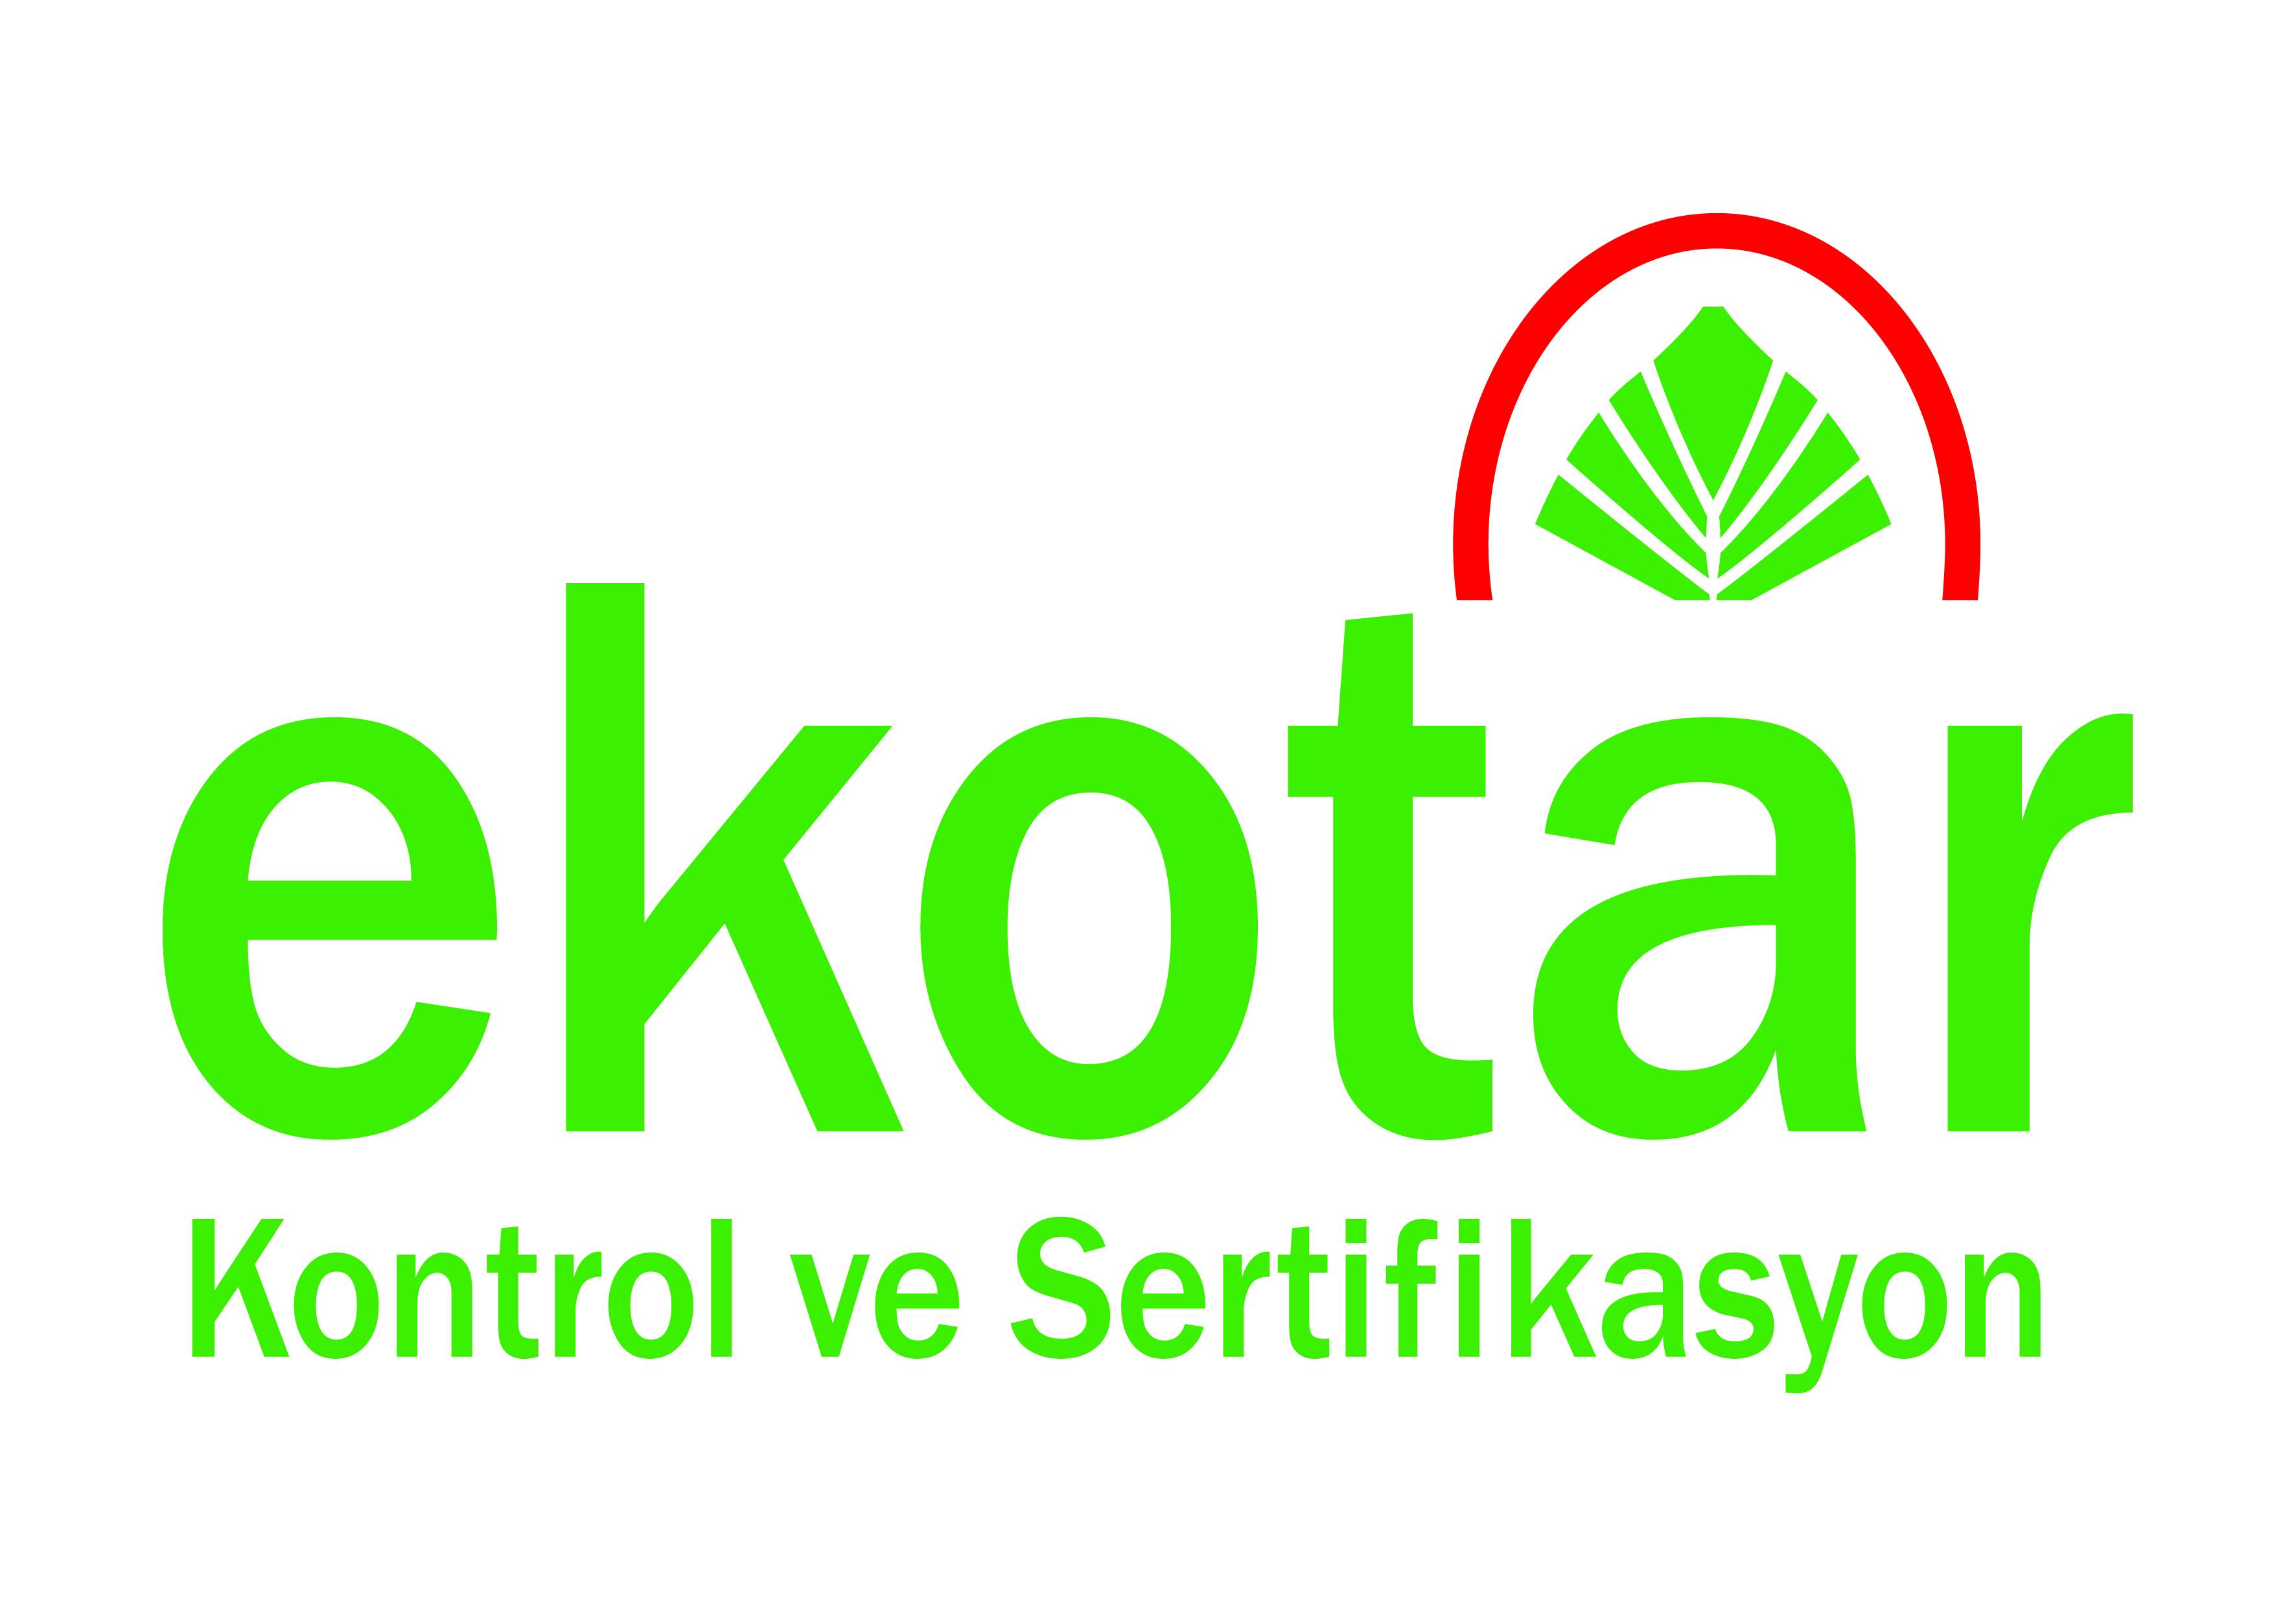 ekotar Logo photo - 1